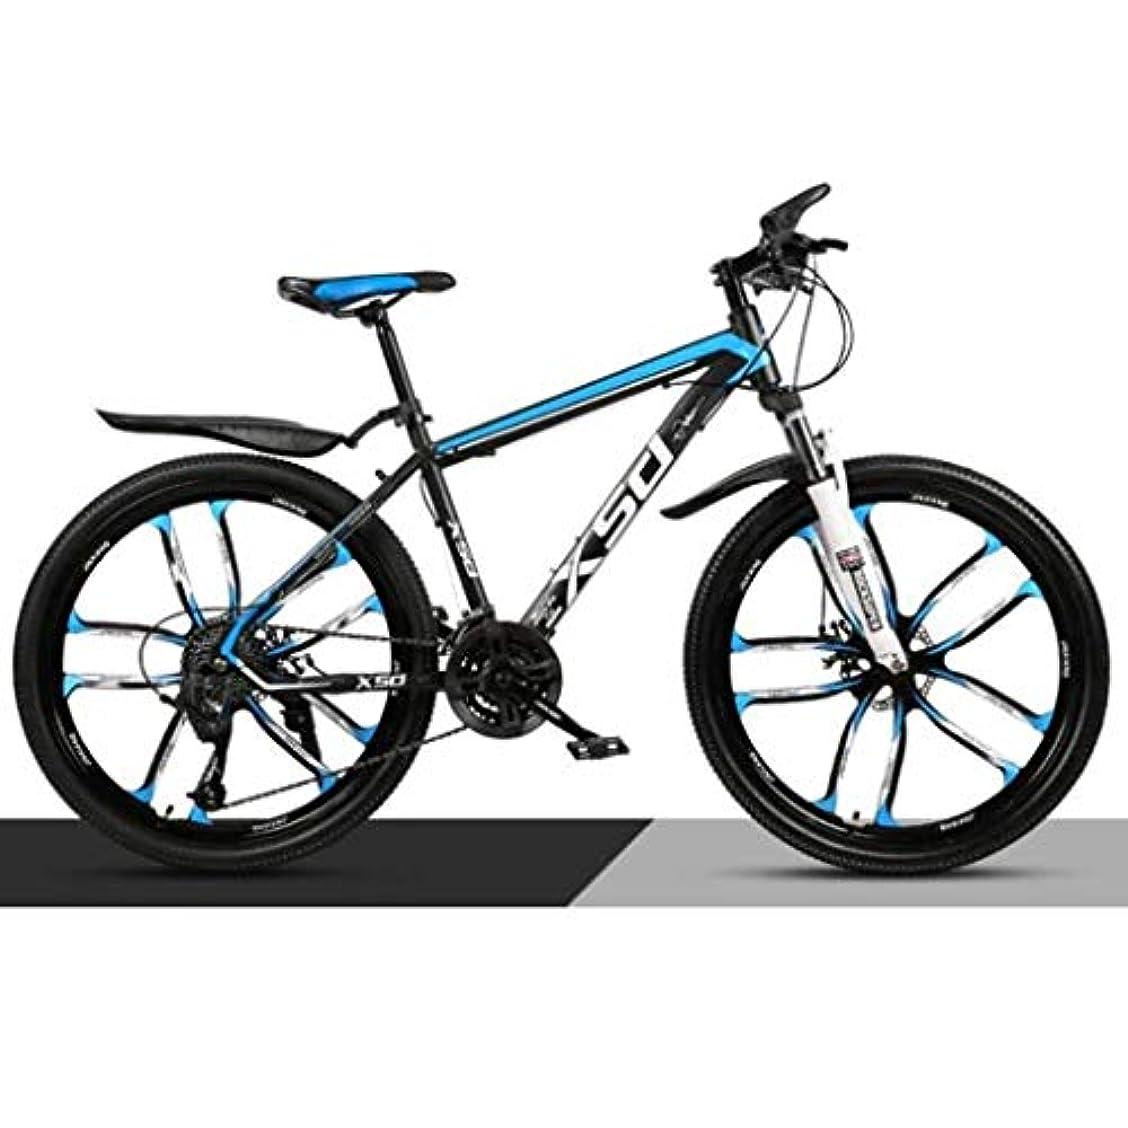 証明する利得ウォーターフロントマウンテンバイク26インチ大人ロードレースシティロード自転車可変速度衝撃吸収高炭素鋼の男性と女性 (Color : Black Blue, Size : 30 speed)